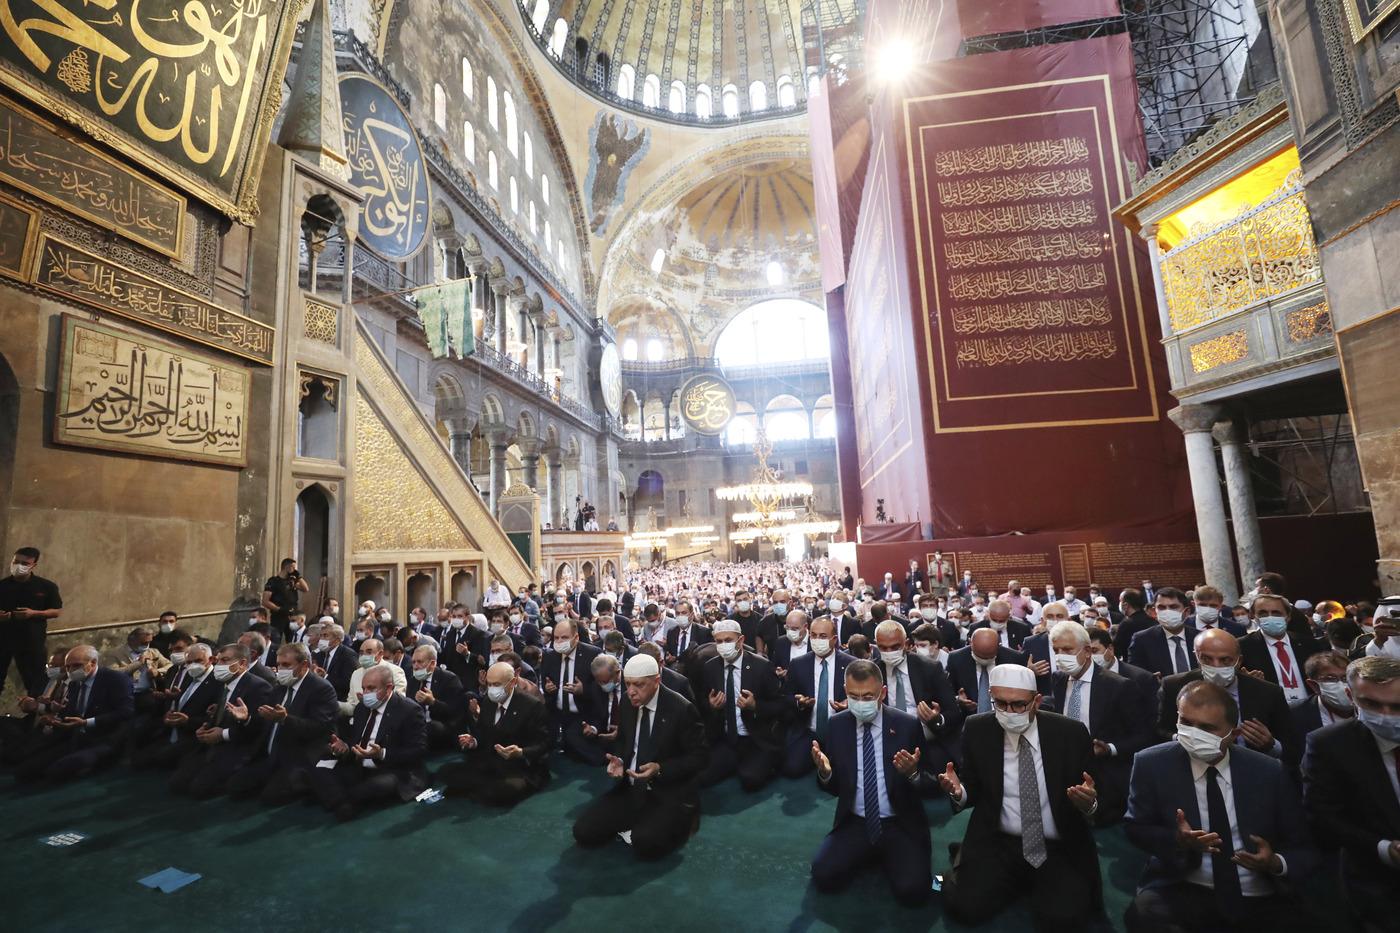 Hagya Sophia, Turchia, prima preghiera del venerdì a Santa Sofia dopo 86 anniTurchia, prima preghiera del venerdì a Santa Sofia dopo 86 anni